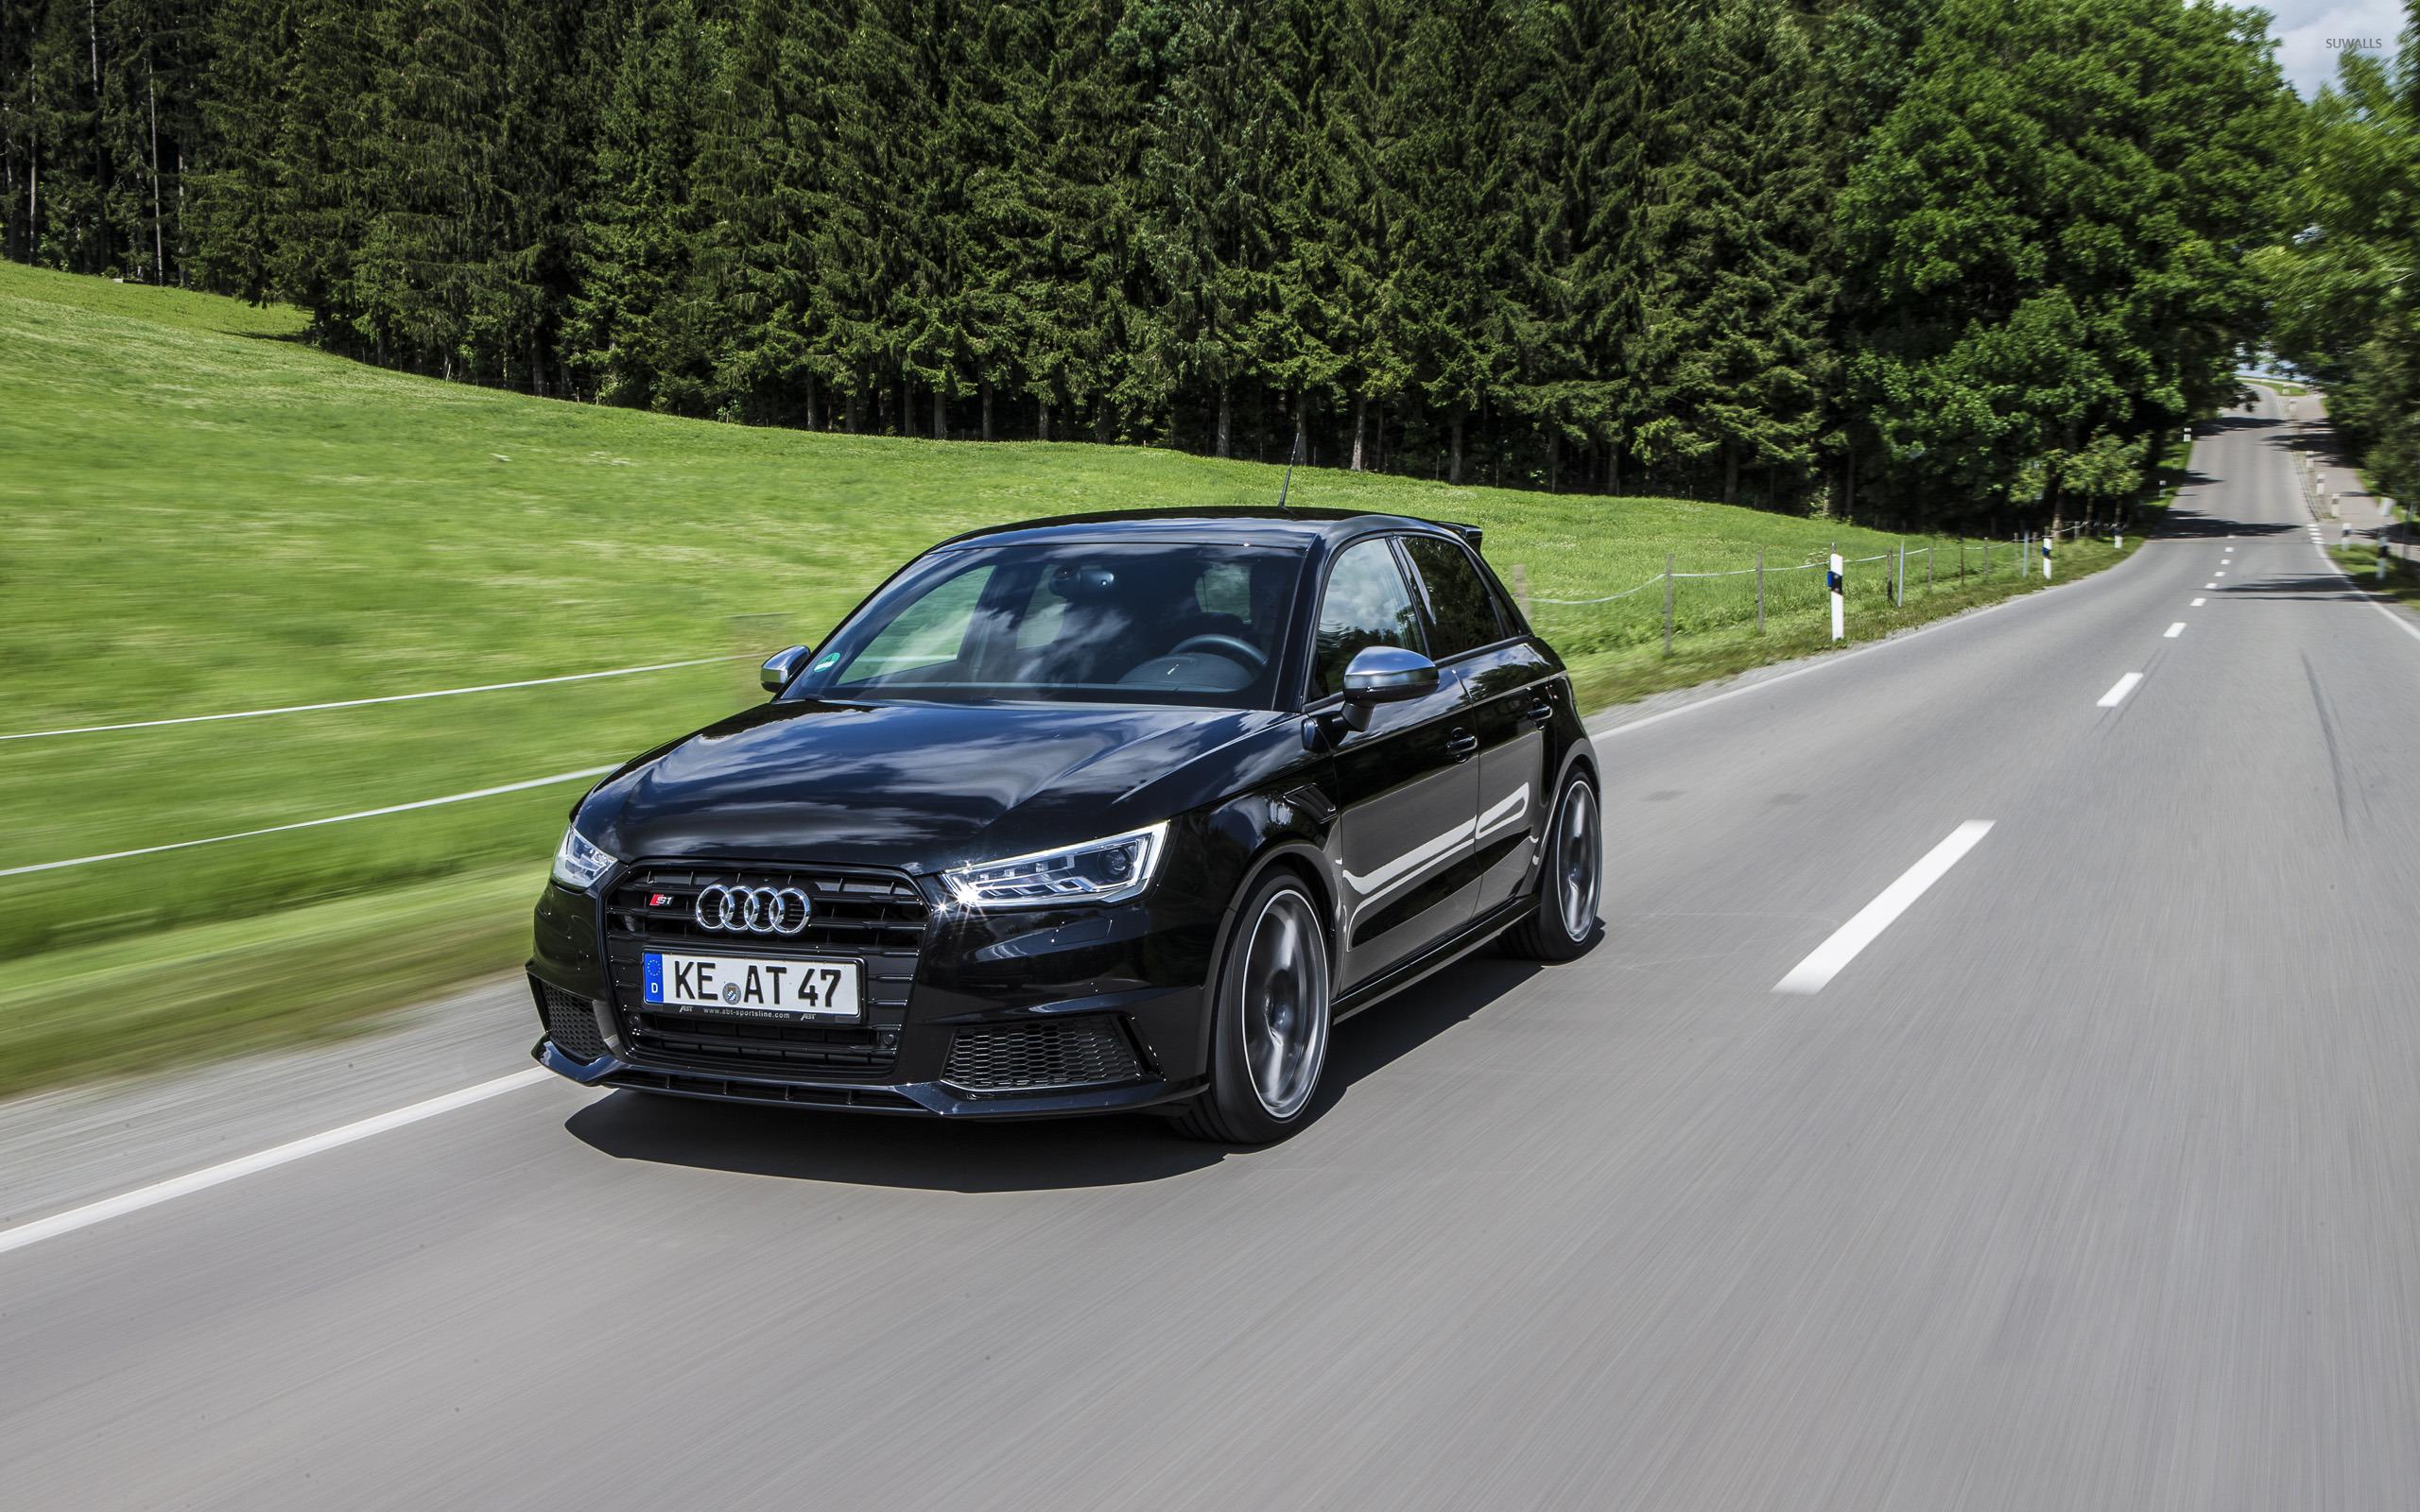 Free Download 2014 Abt Audi S1 5 Wallpaper Car Wallpapers